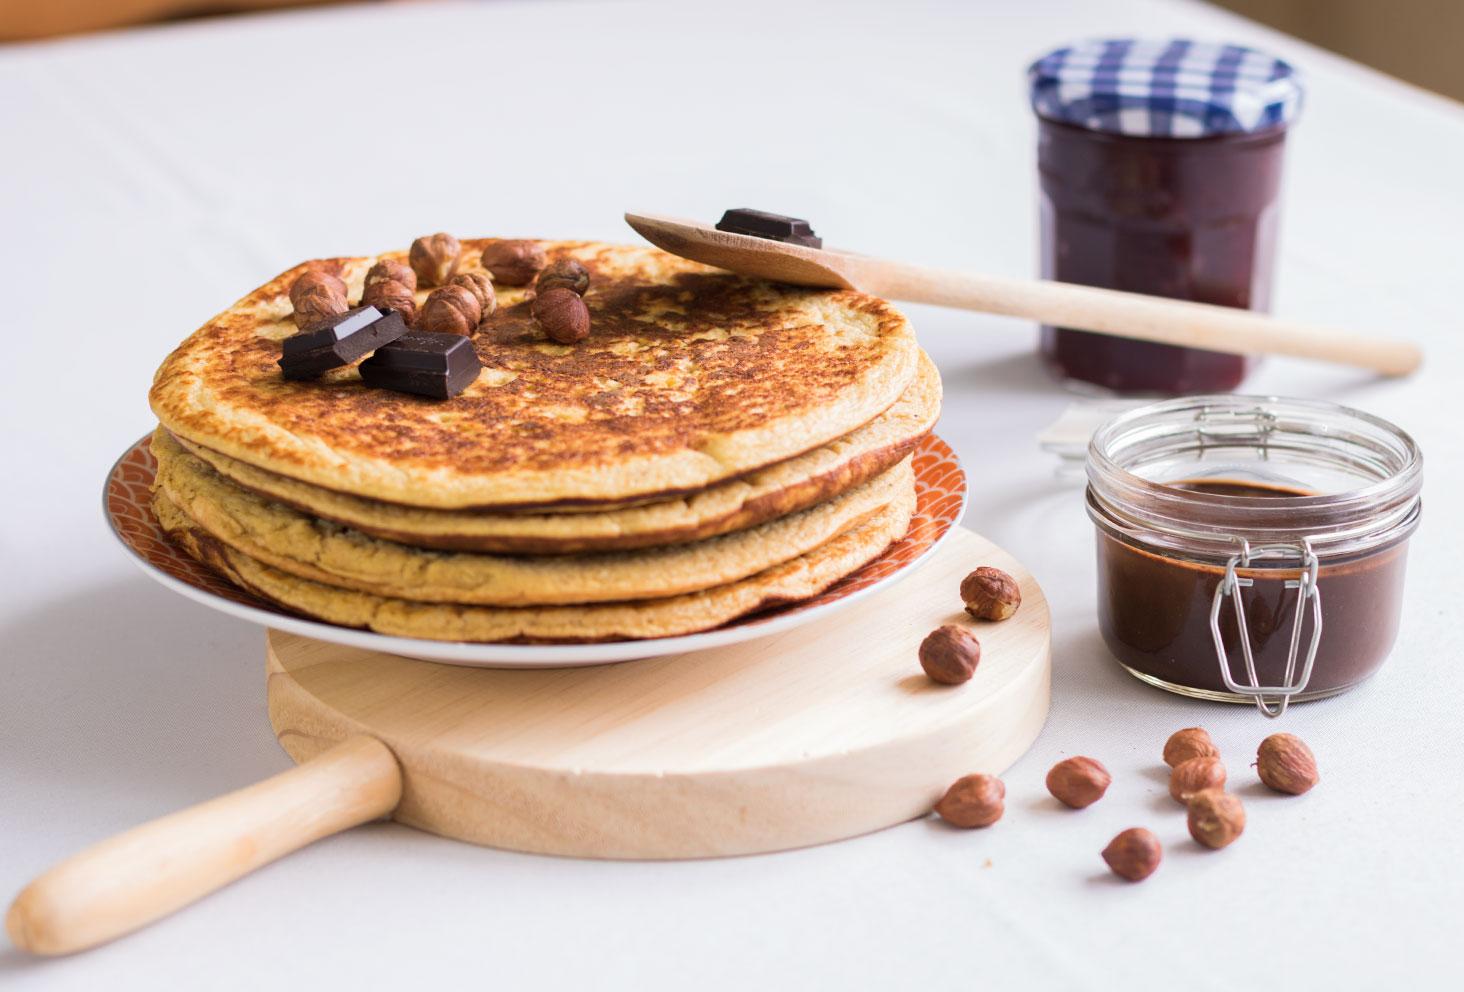 Des crêpes à la compote de pommes et de la pâte à tartiner maison chocolat et noisettes sur une table grise entouré d'instruments en bois